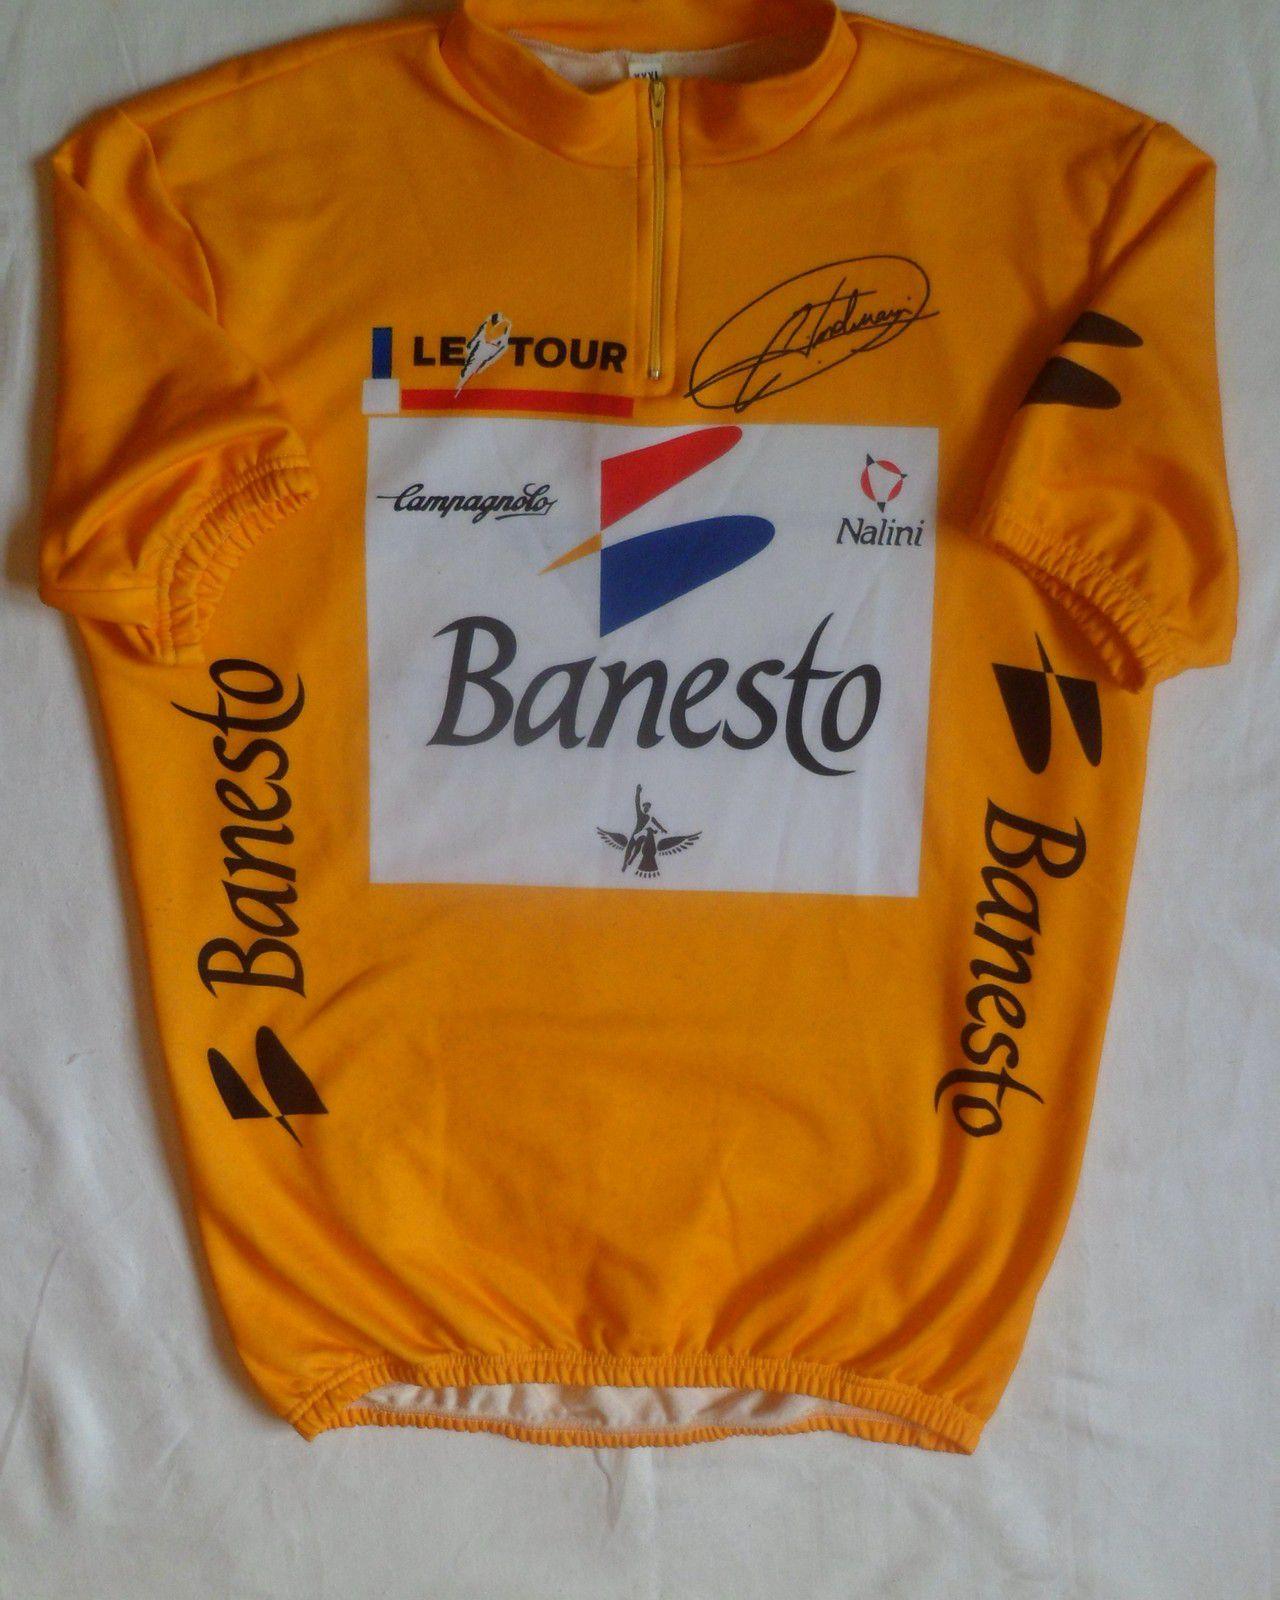 Banesto TVT 1992.